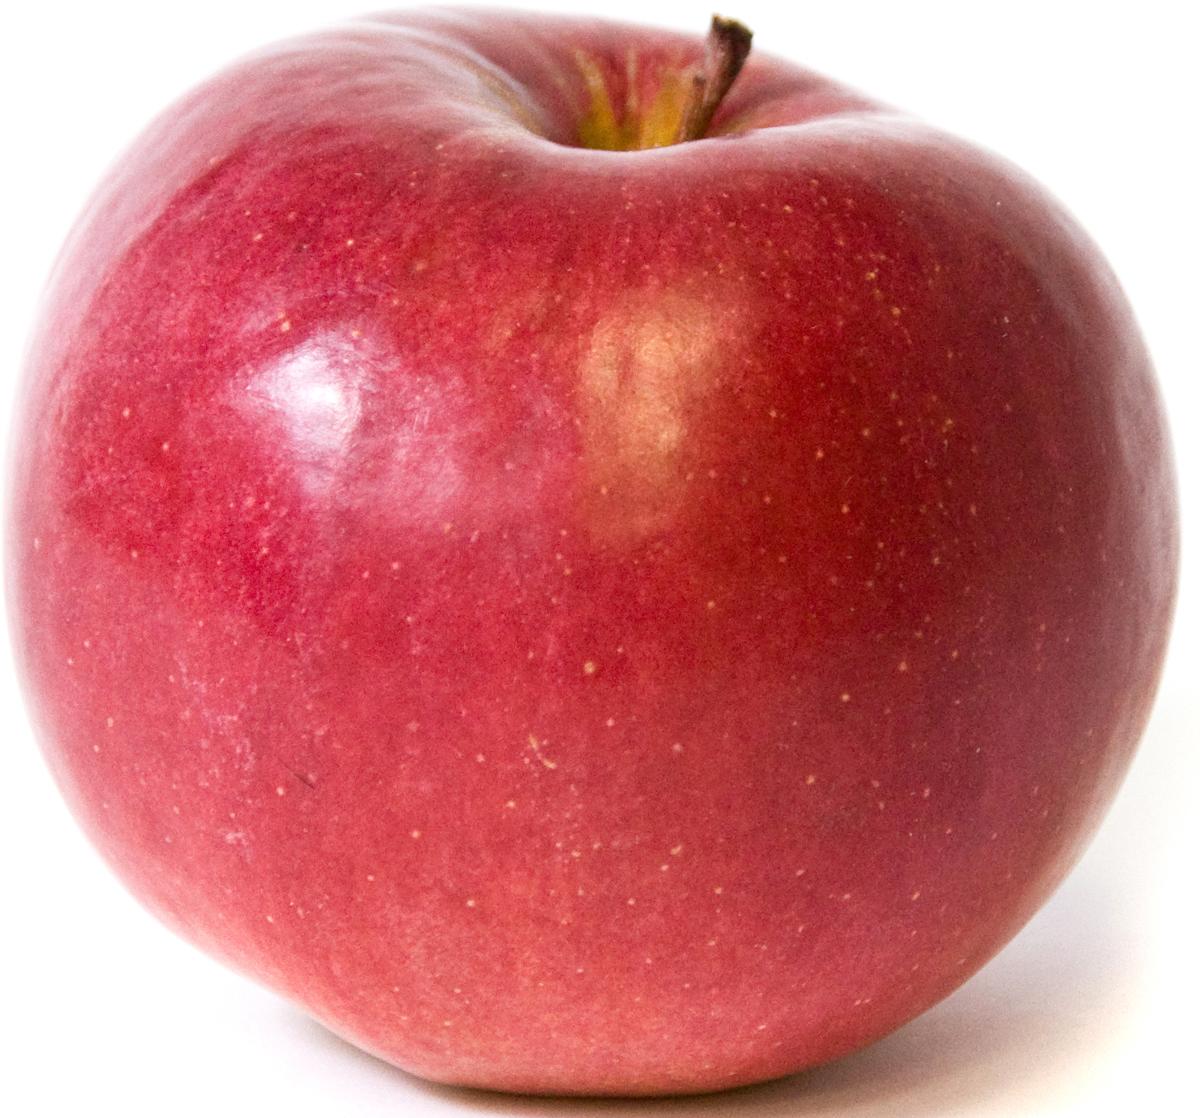 Яблоки Айдаред, 1 кг вида из винда ребенок накачки слоя бумаги 3 120 перекачивается пакет мягких насосной 18 крупногабаритные продаваемой fcl